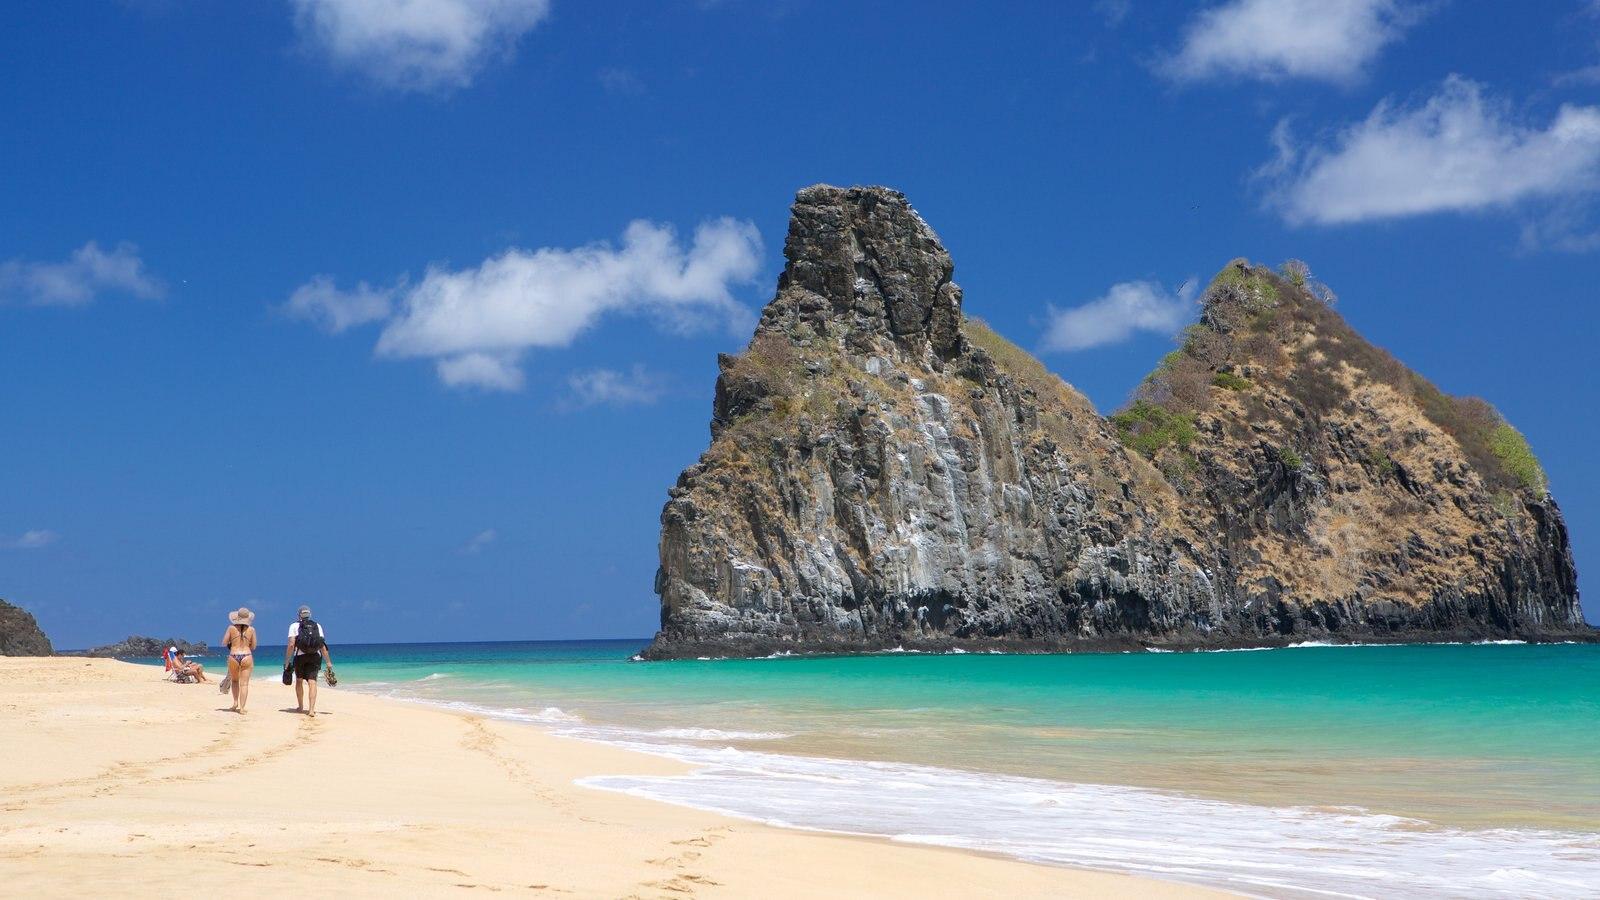 Praia Cacimba do Padre caracterizando paisagens da ilha, uma praia de areia e paisagens litorâneas